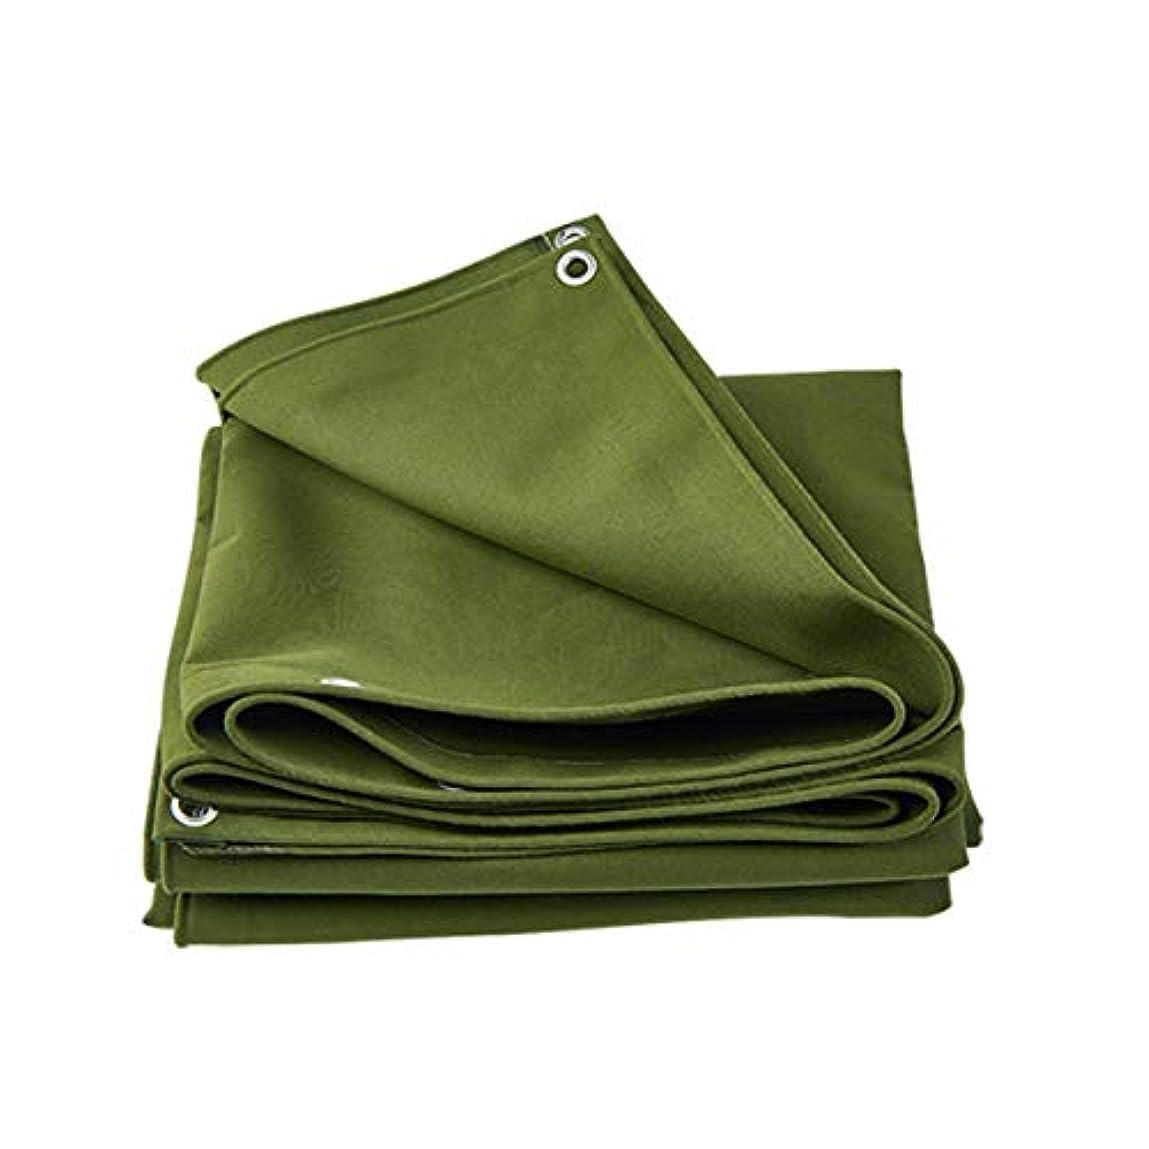 輝度第五与える0.57 mmグリーン厚屋外防雨日焼け止め防水シート (Size : 2*3M)